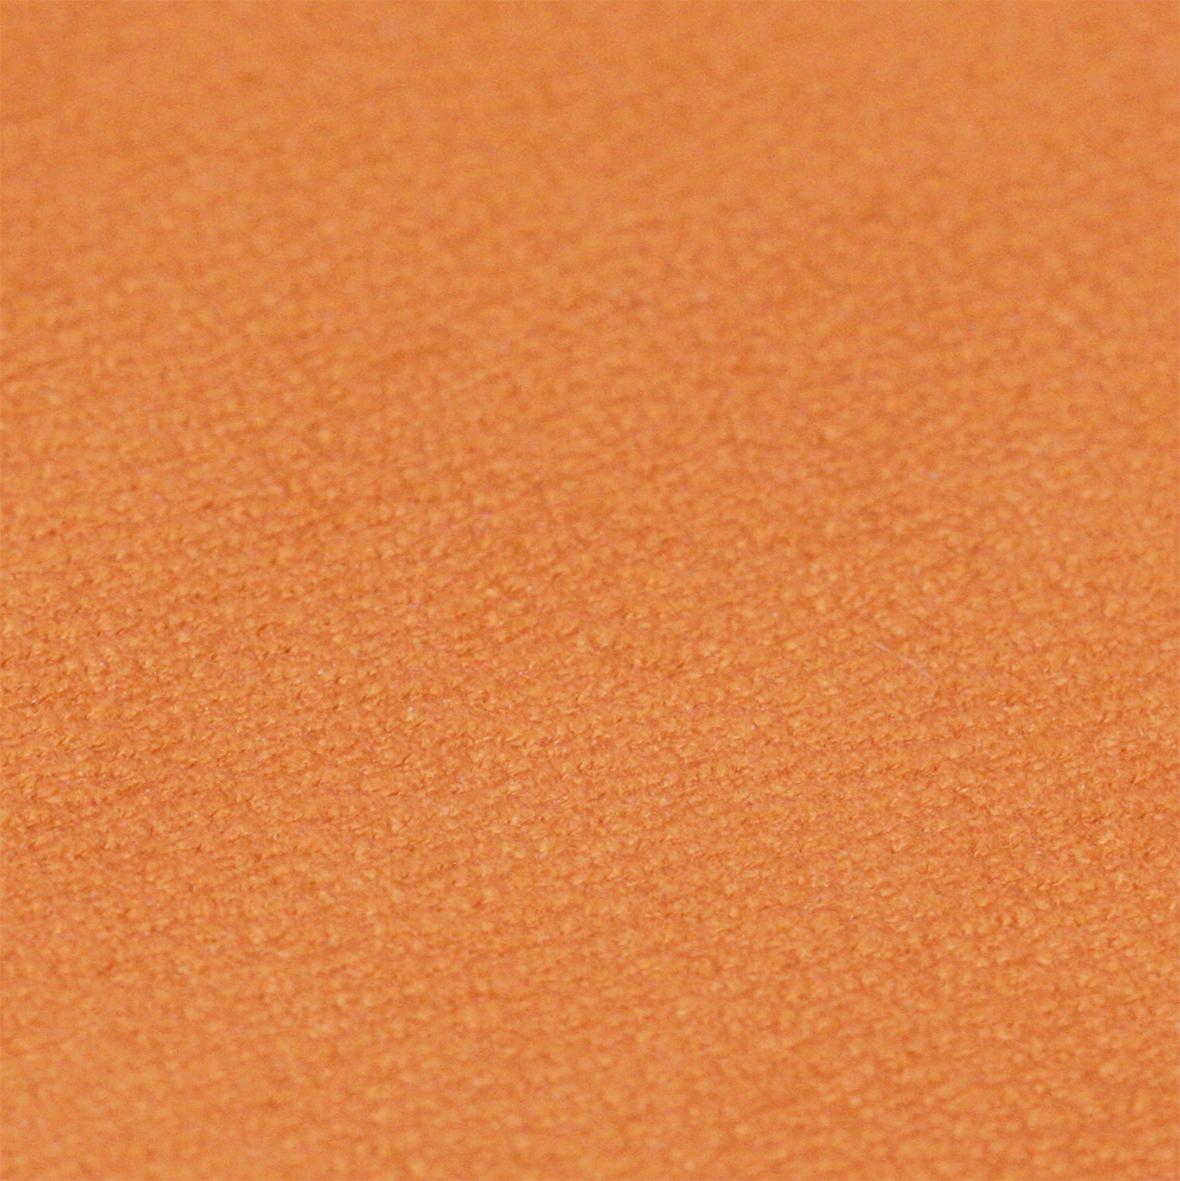 棕色 Tan